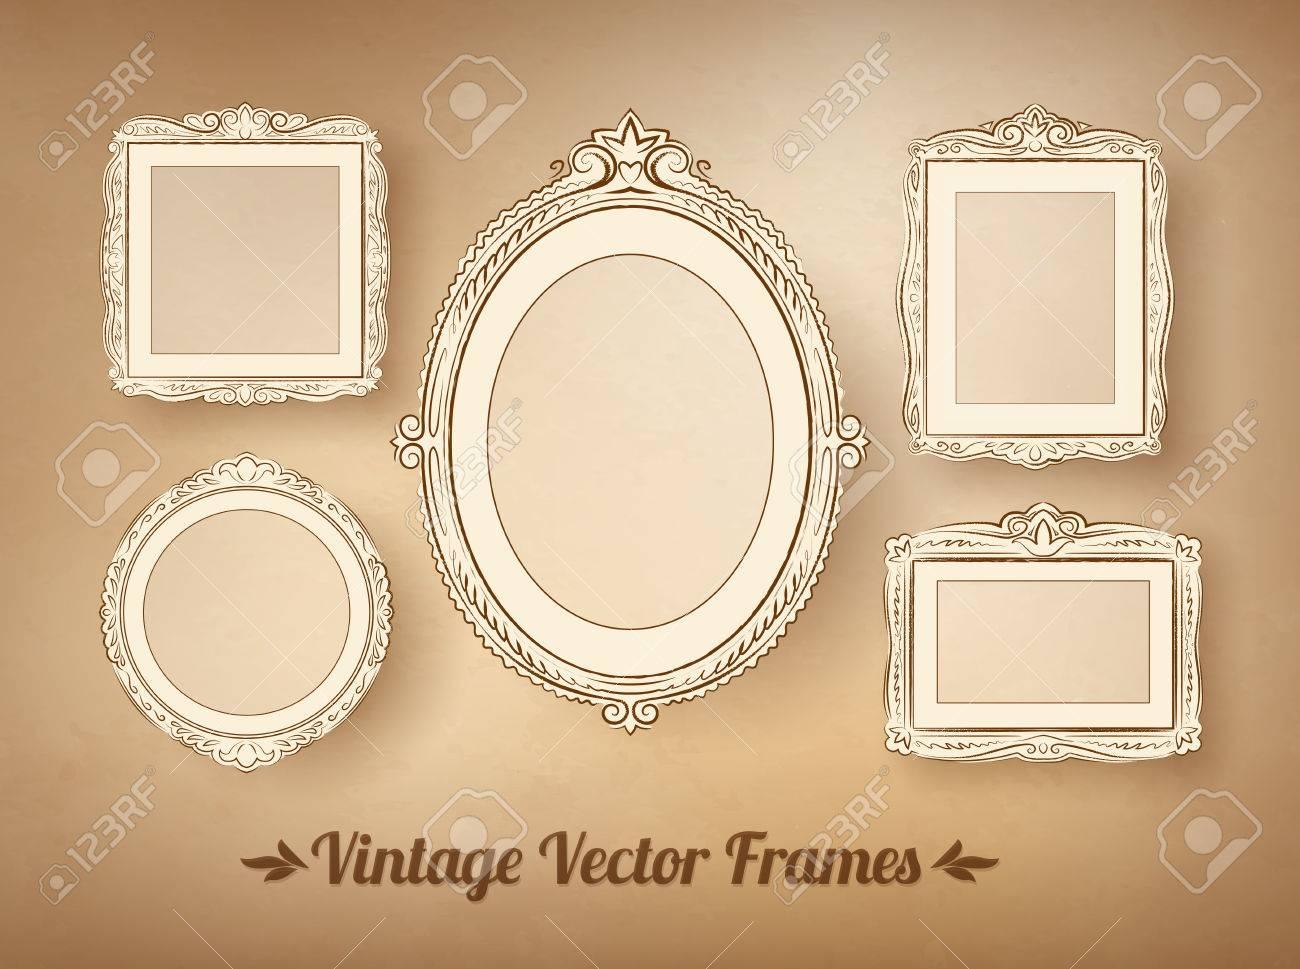 Vintage Baroque Frames Vector Set. Royalty Free Cliparts, Vectors ...